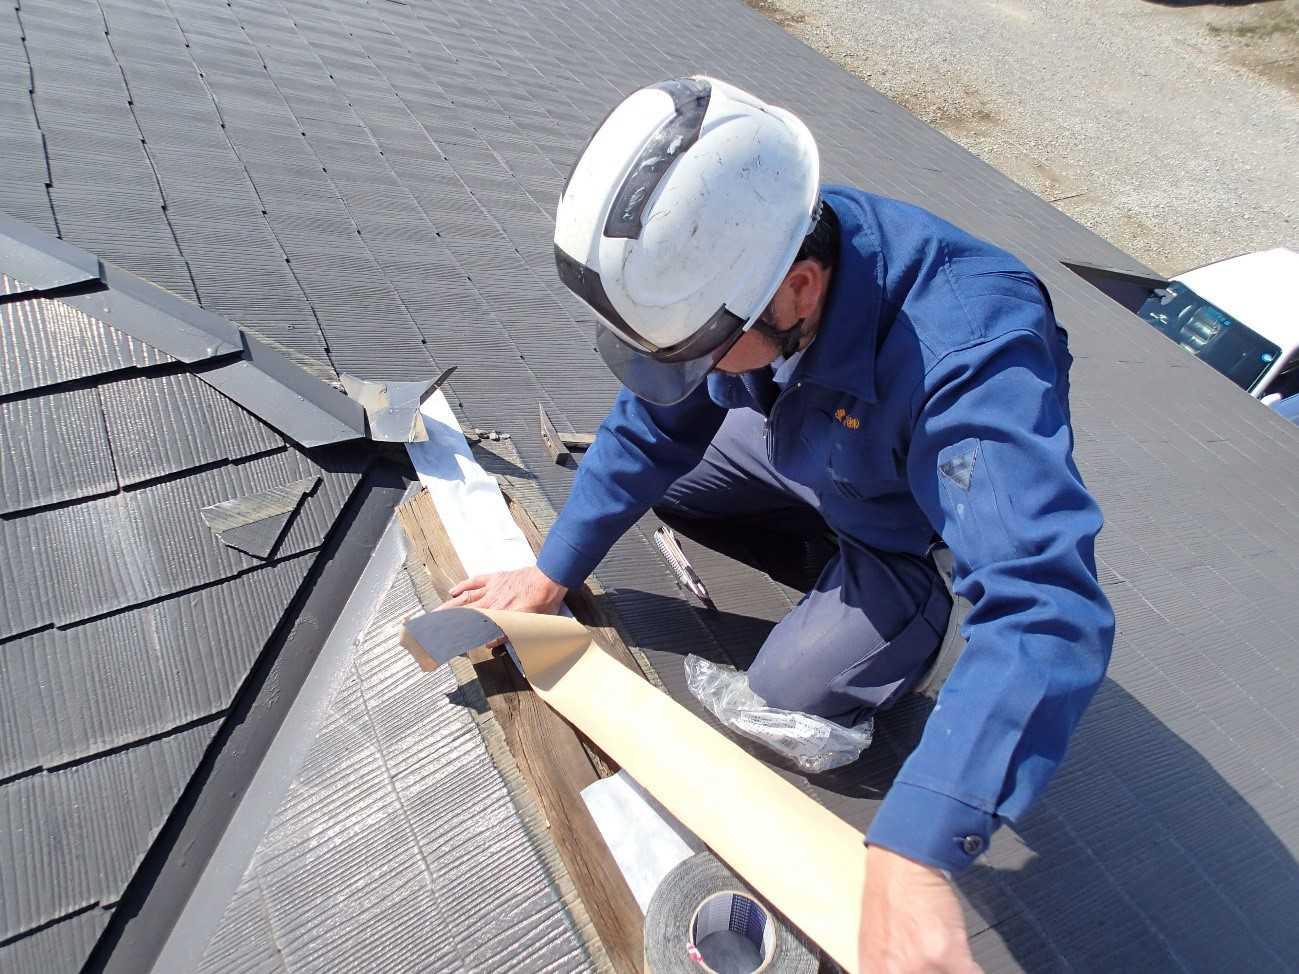 【雨漏り修理する人必読】修理前に行う調査方法や費用・修理方法など